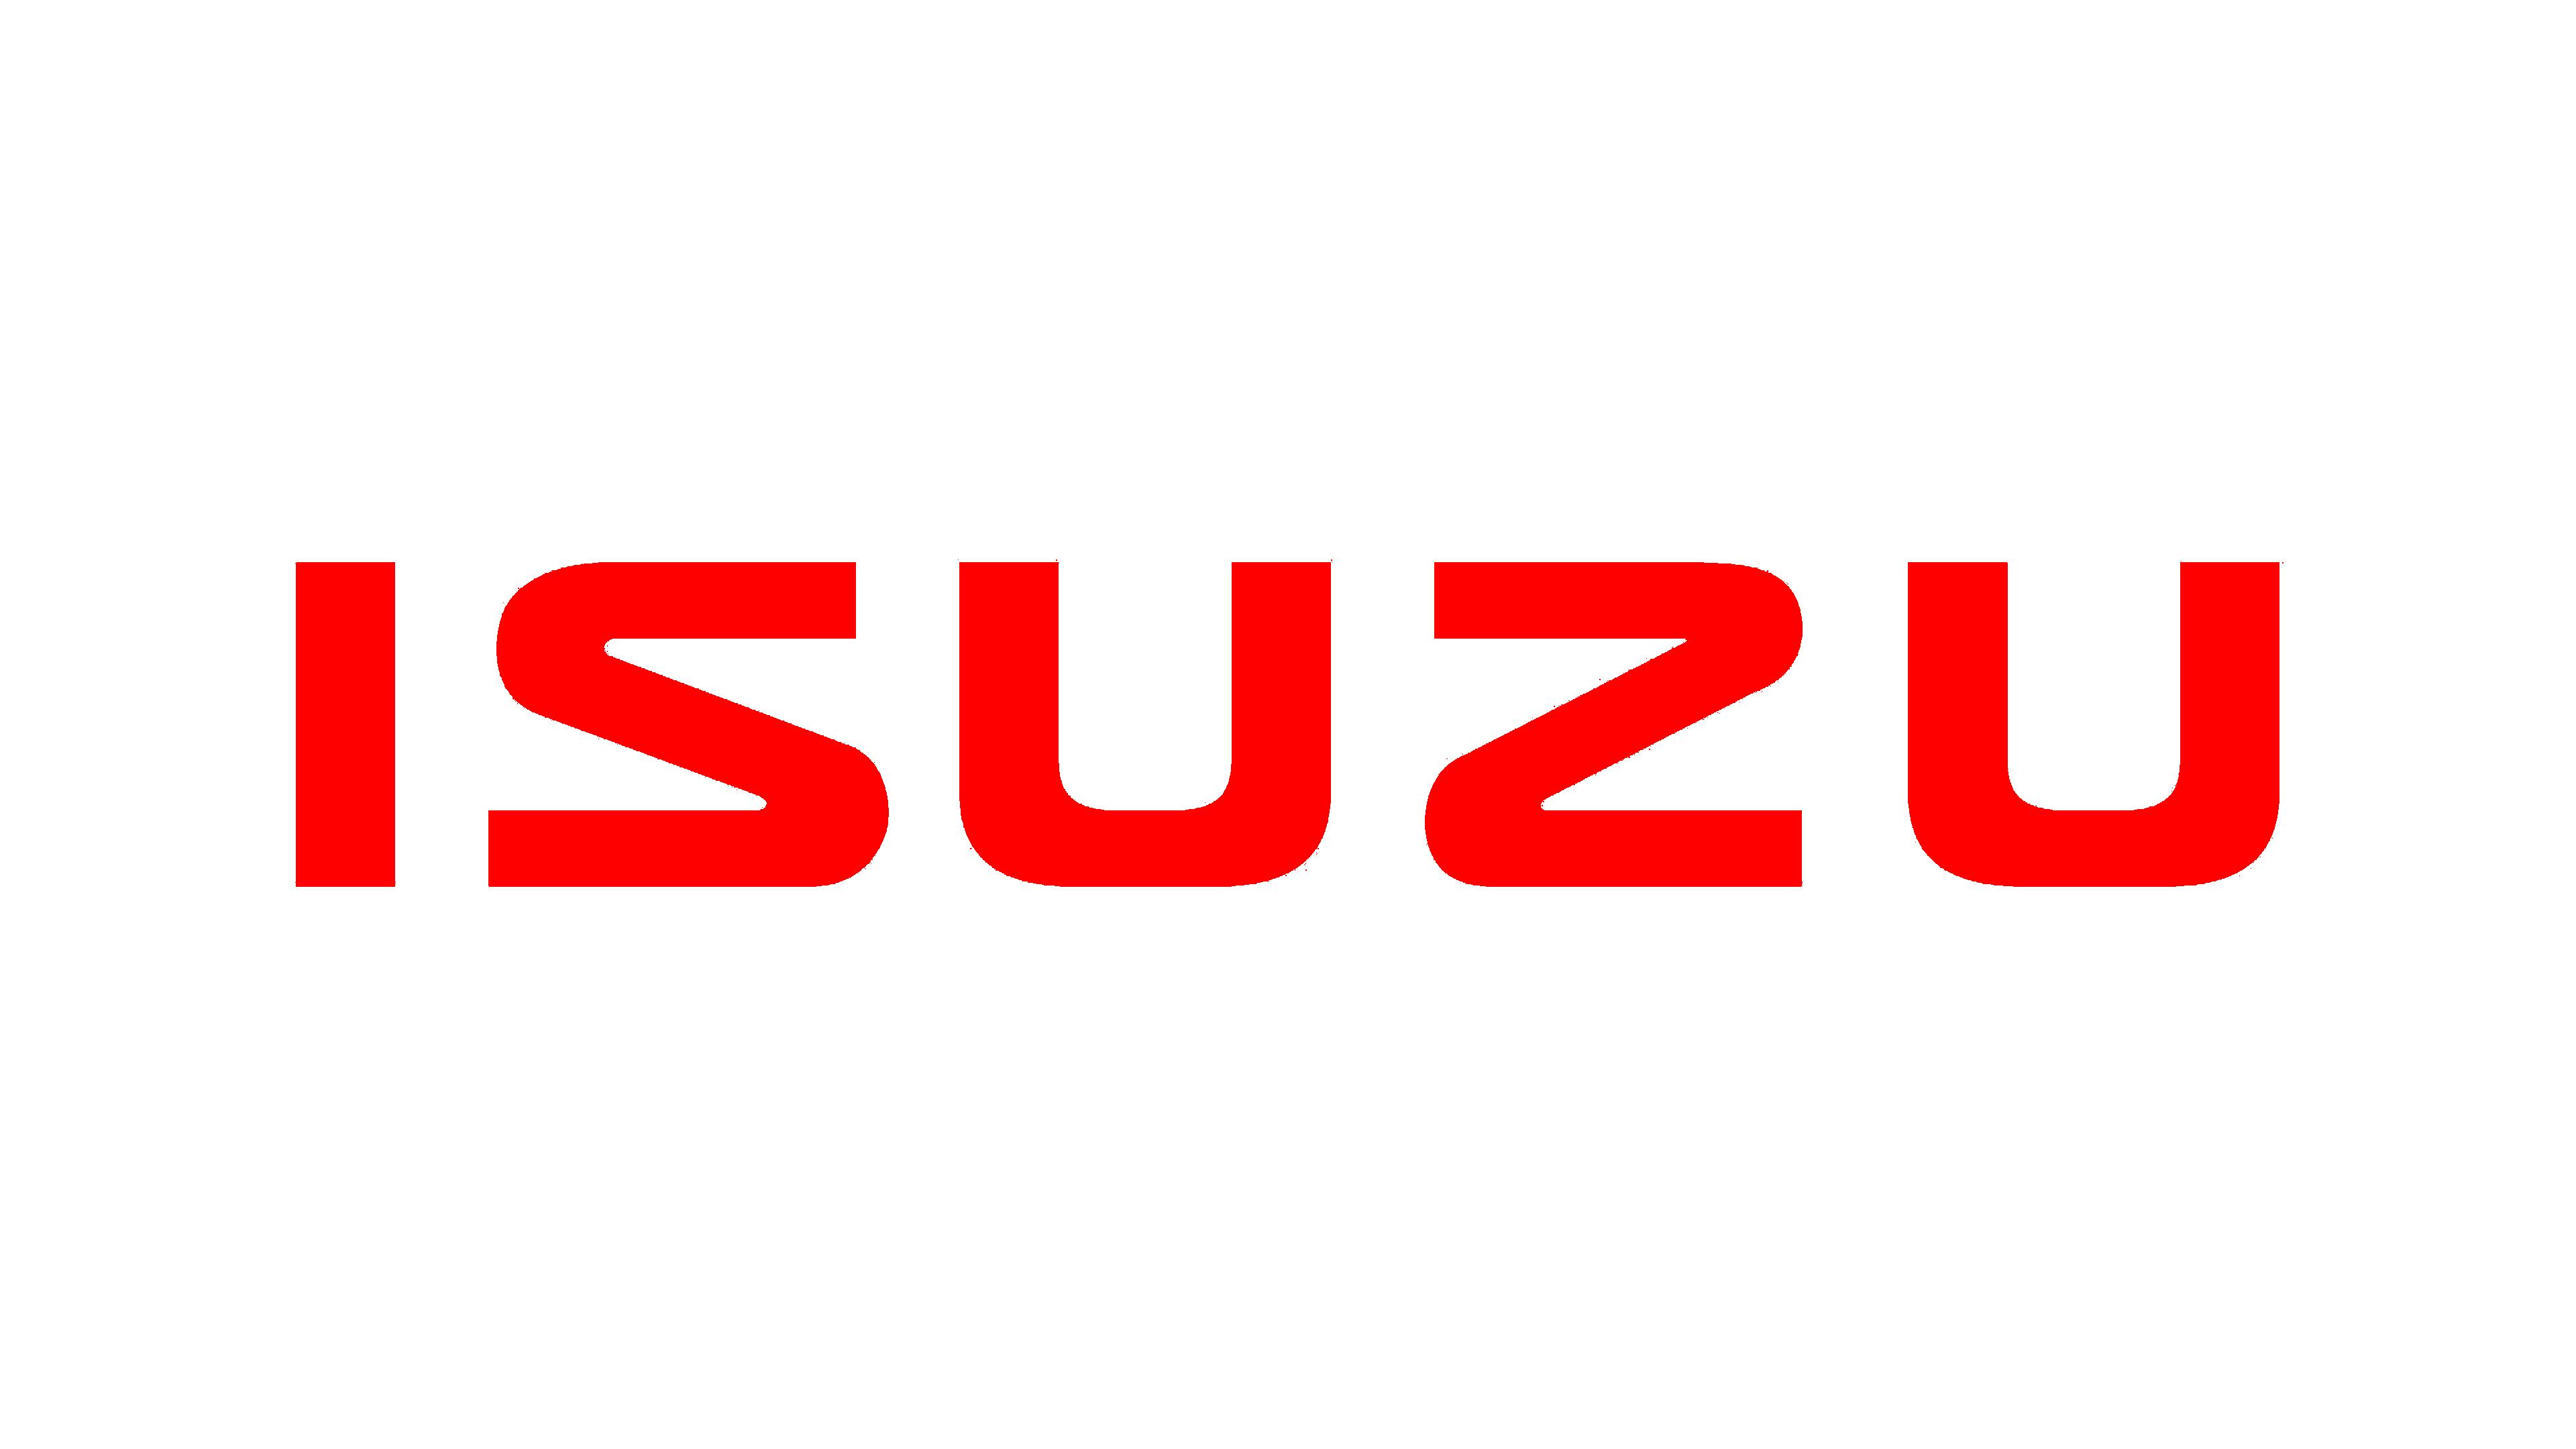 Isuzu-logo-1991-3840x2160-2